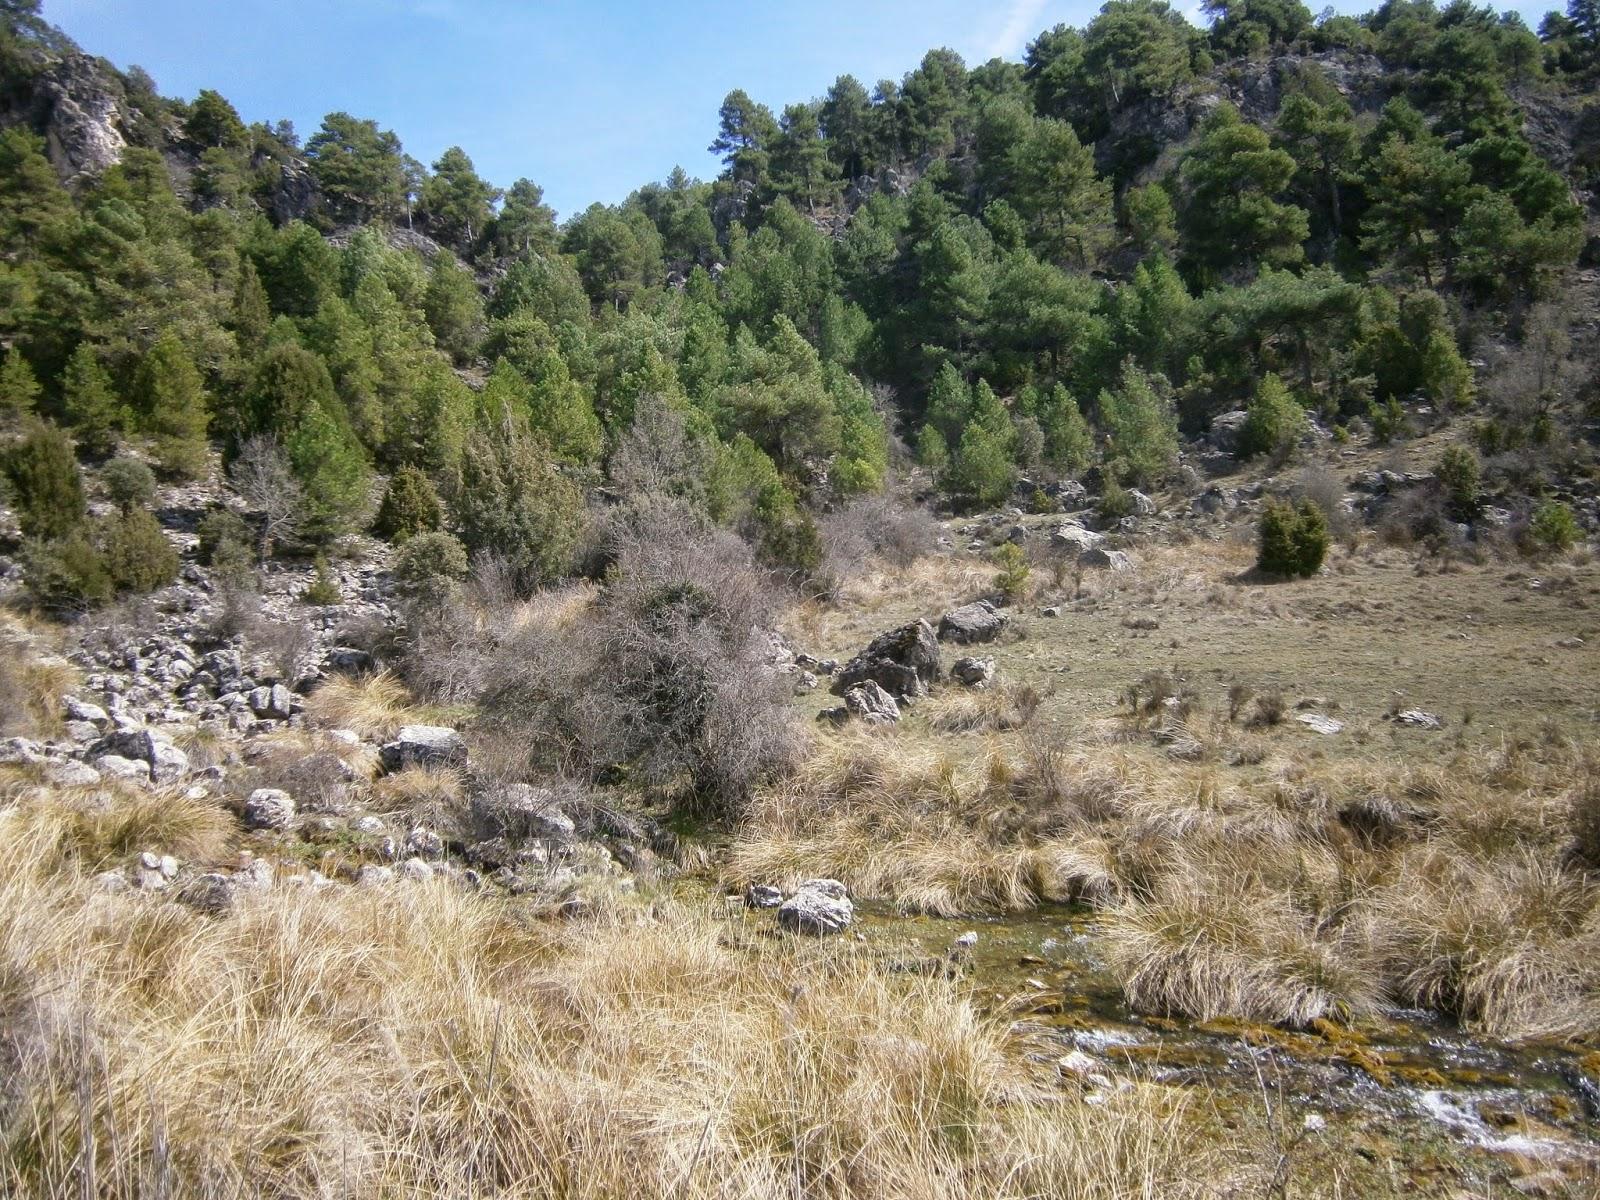 Nacimiento de la Cascada Tobacea Valdemoro Sierra, Autor: Miguel Alejandro Castillo Moya